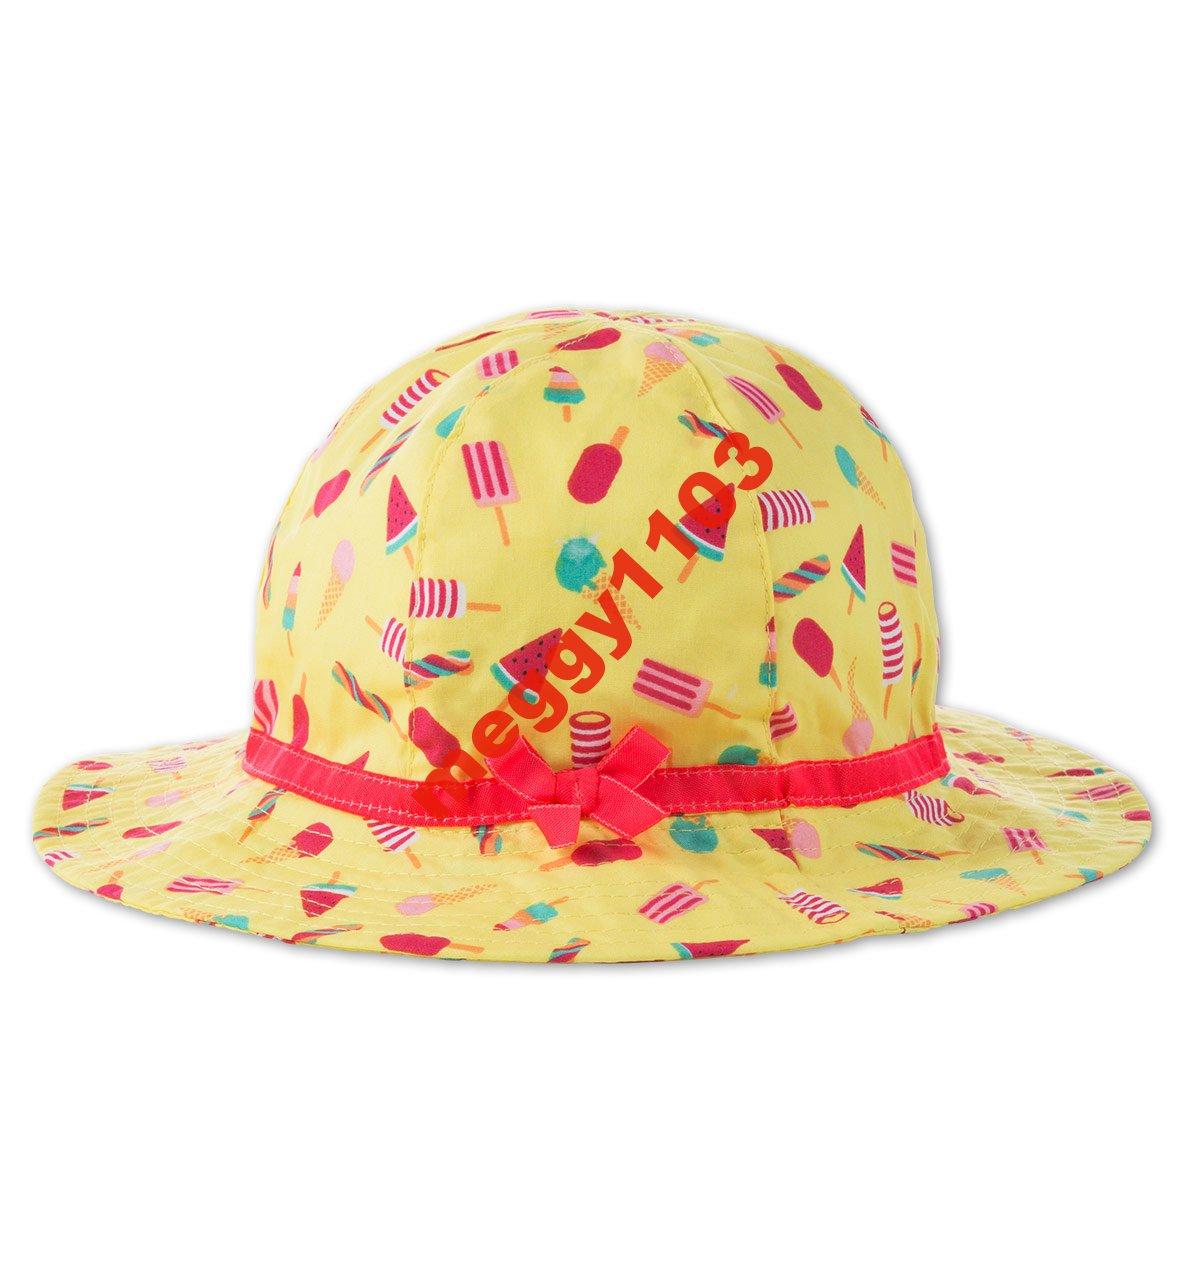 C&A KAPELUSZ czapka LODY 54/56 NOWY